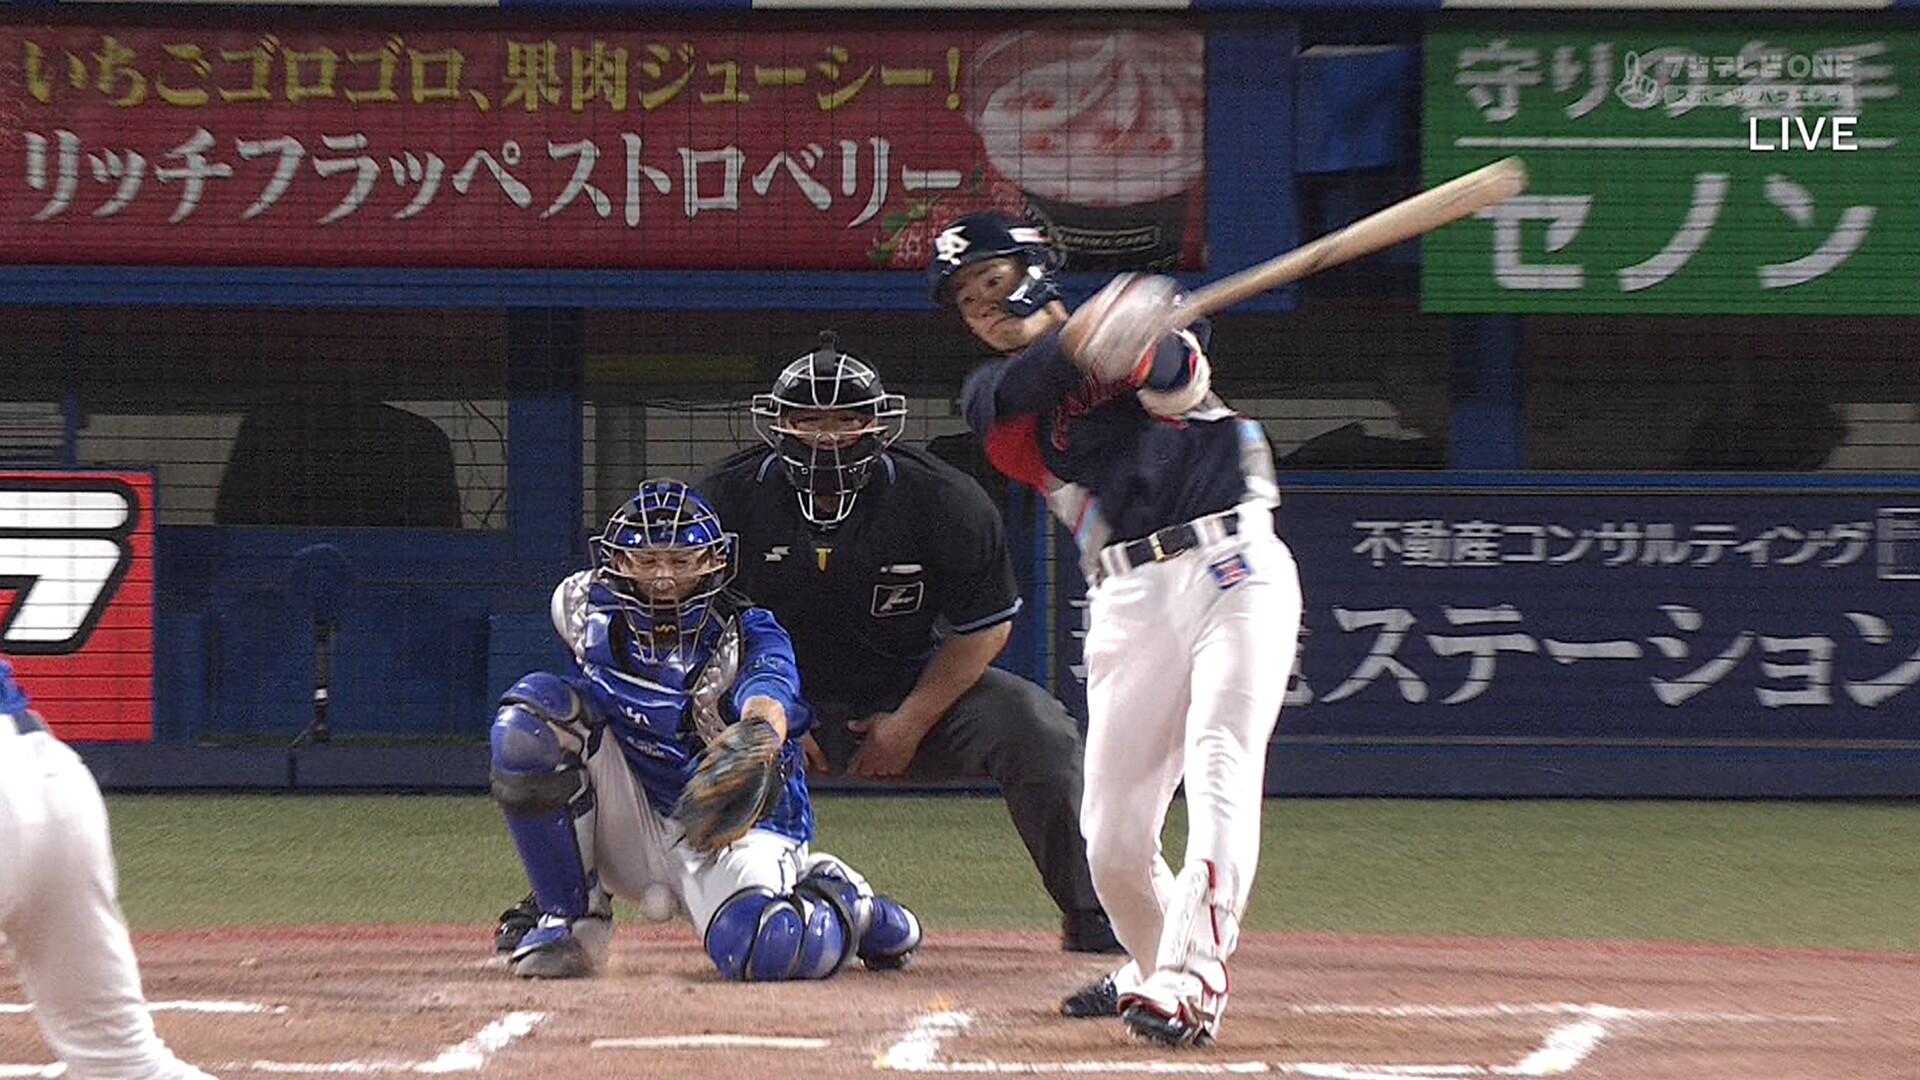 DeNA・伊藤光、ファールボールが股間に直撃 下からモロに…